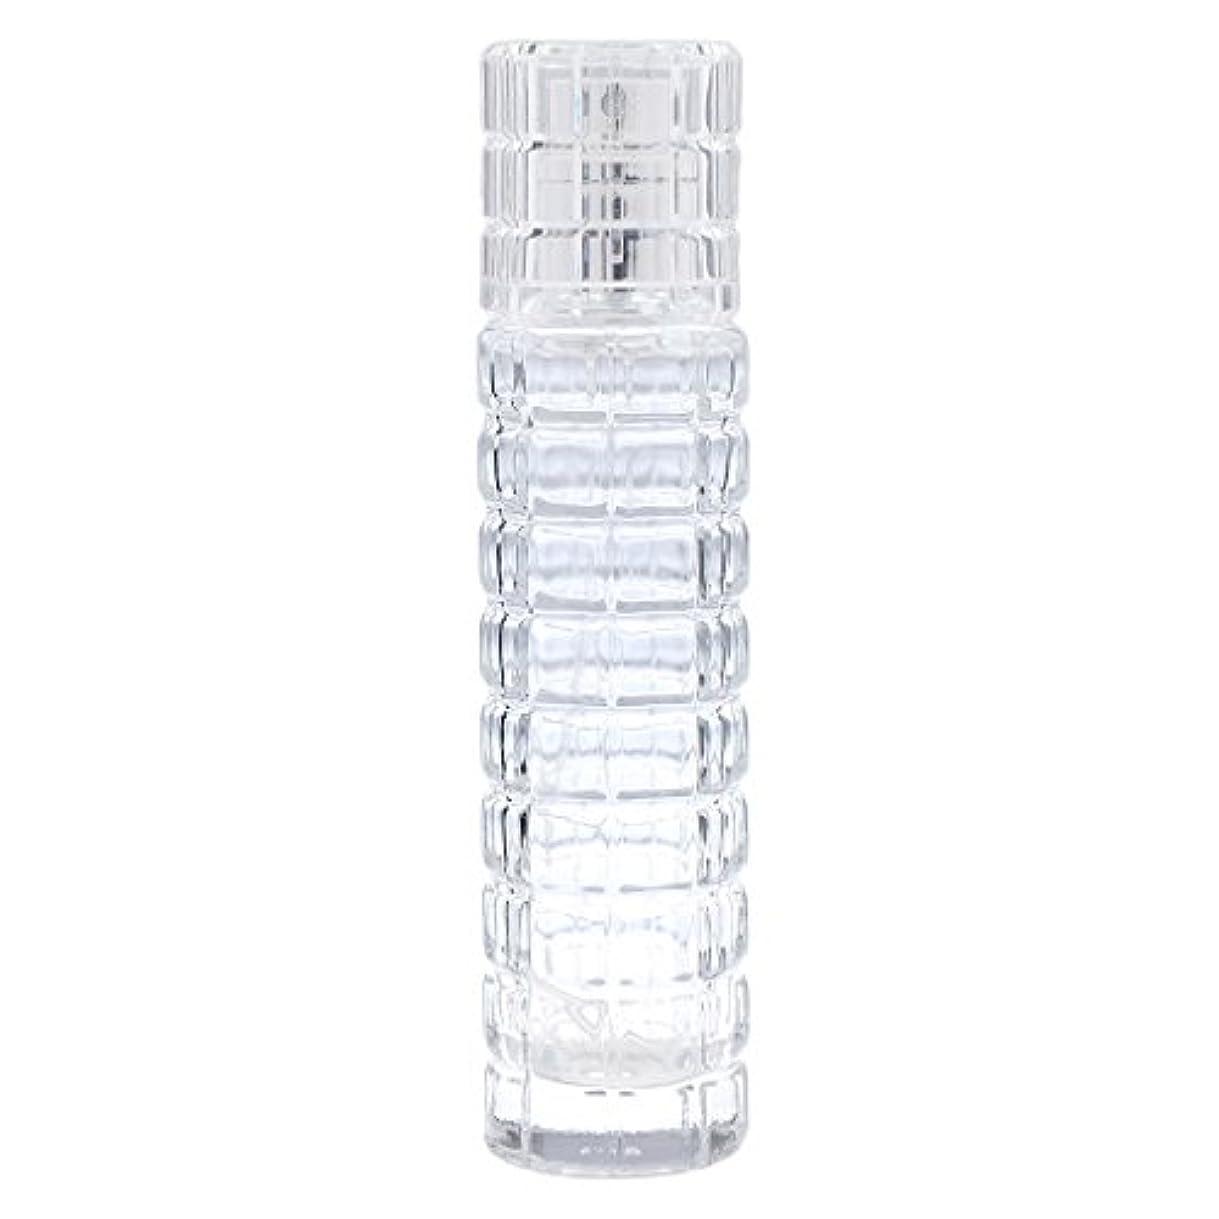 太平洋諸島カード医薬ミニ 詰め替え可能 耐久性 ガラス 空 香水瓶 旅行 香水 スプレーボトル アトマイザー 30ml クリア